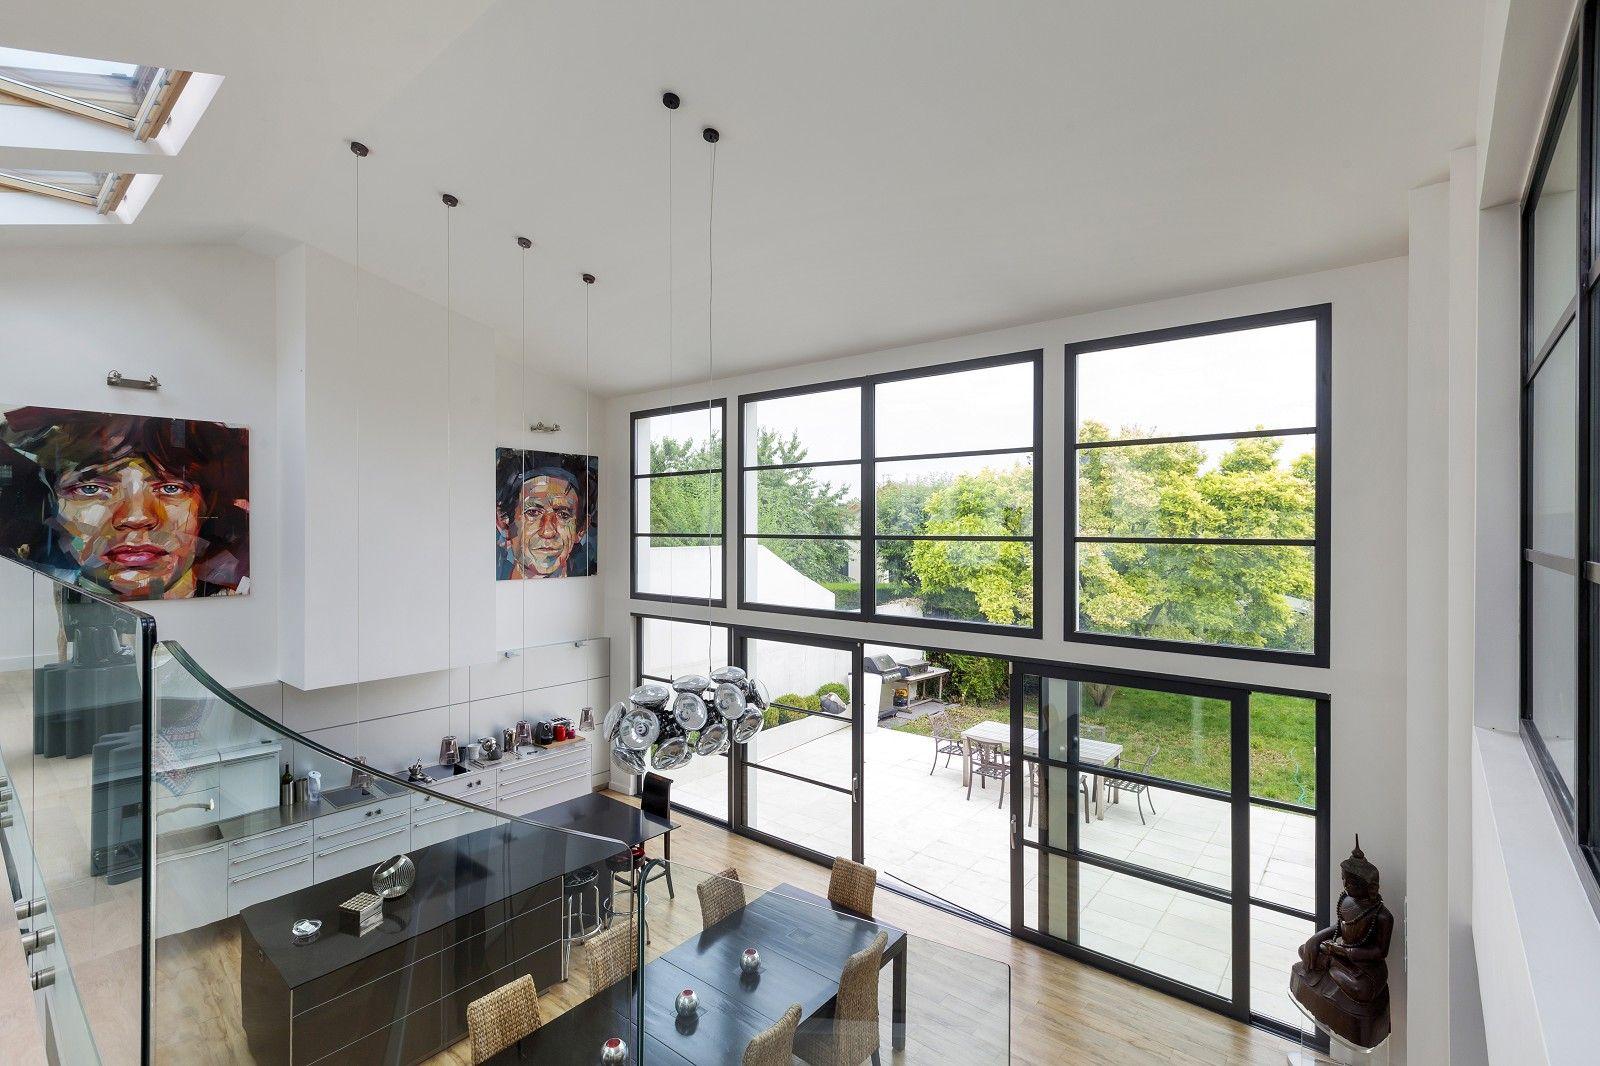 Bien d'exception style #loft en parfait état, très lumineux, aux volumes atypiques en région parisienne.